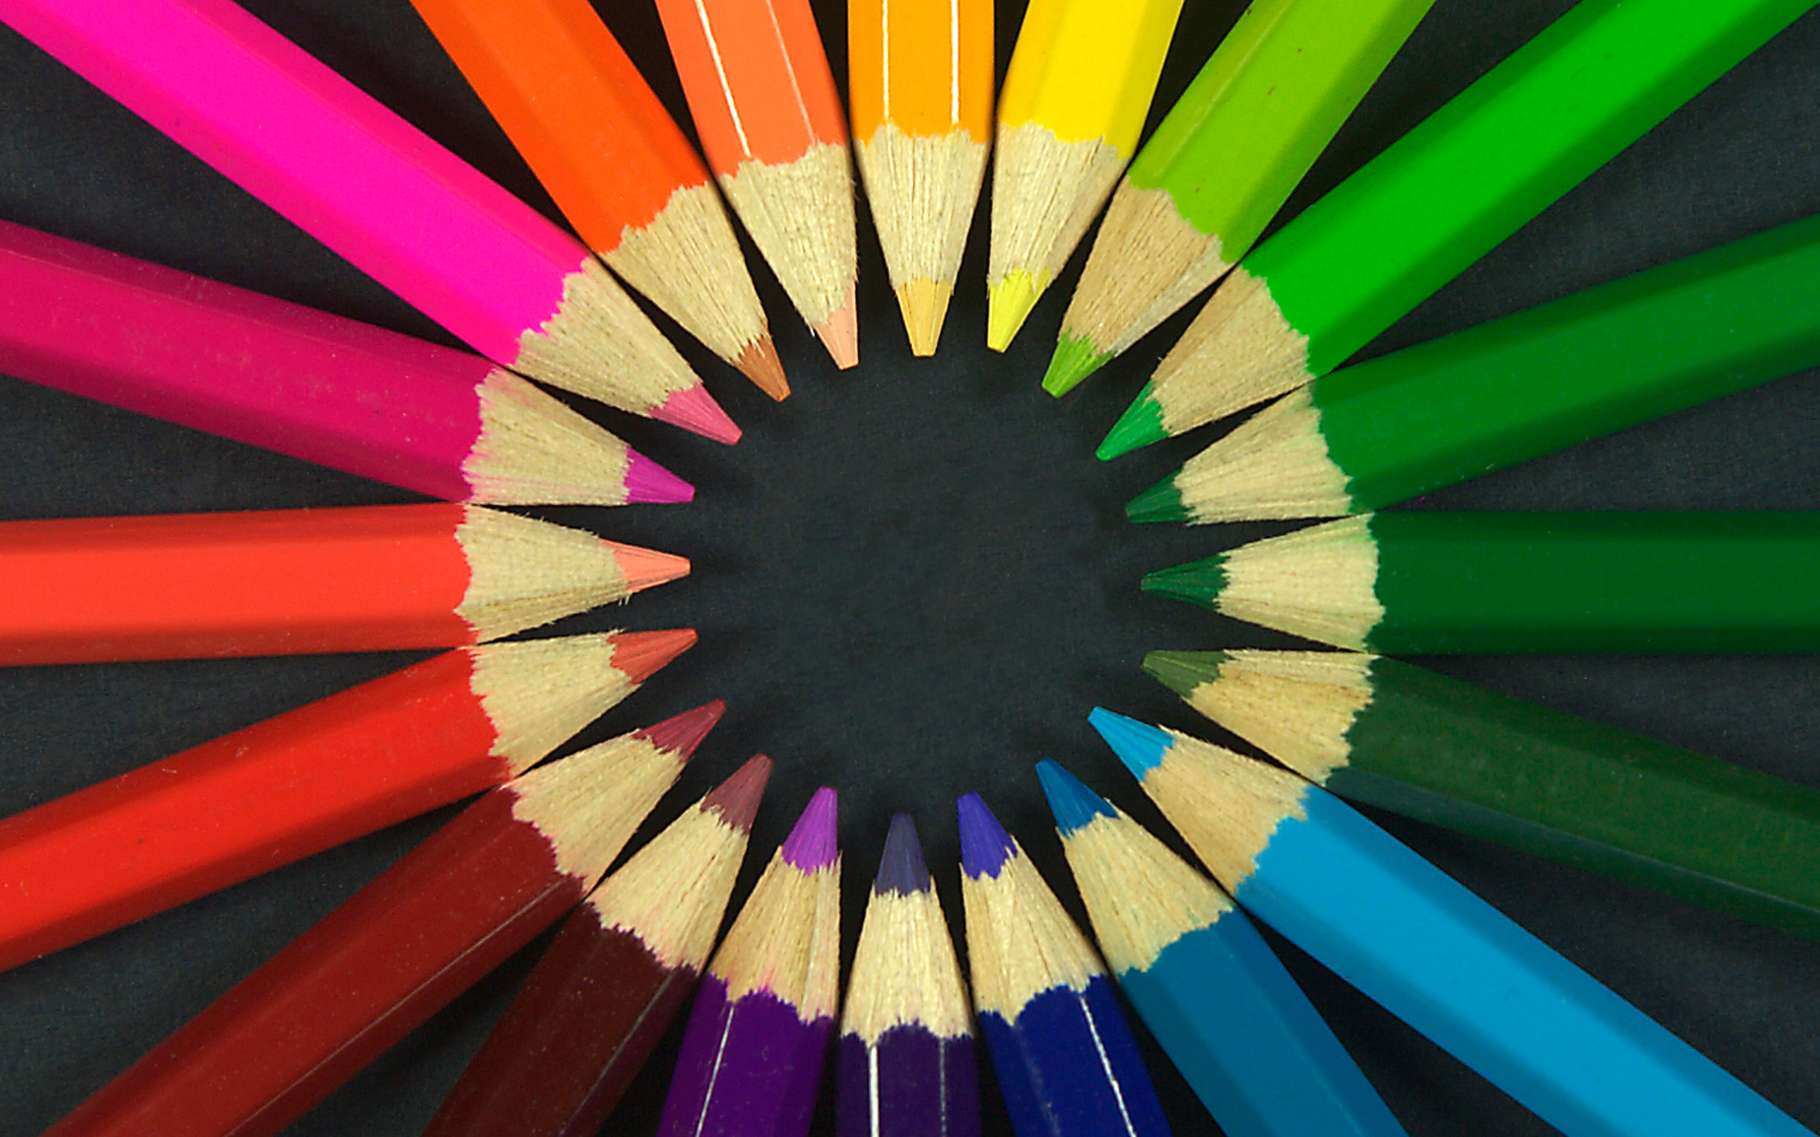 Quel rapport entre la cochenille, la garance, la malachite et la tapisserie de Bayeux ? La variété des longueurs d'onde réémises et qui, via leurs rétines à trois pigments, envoie aux cerveaux des humains des signaux différents qu'on appelle couleurs... © DR